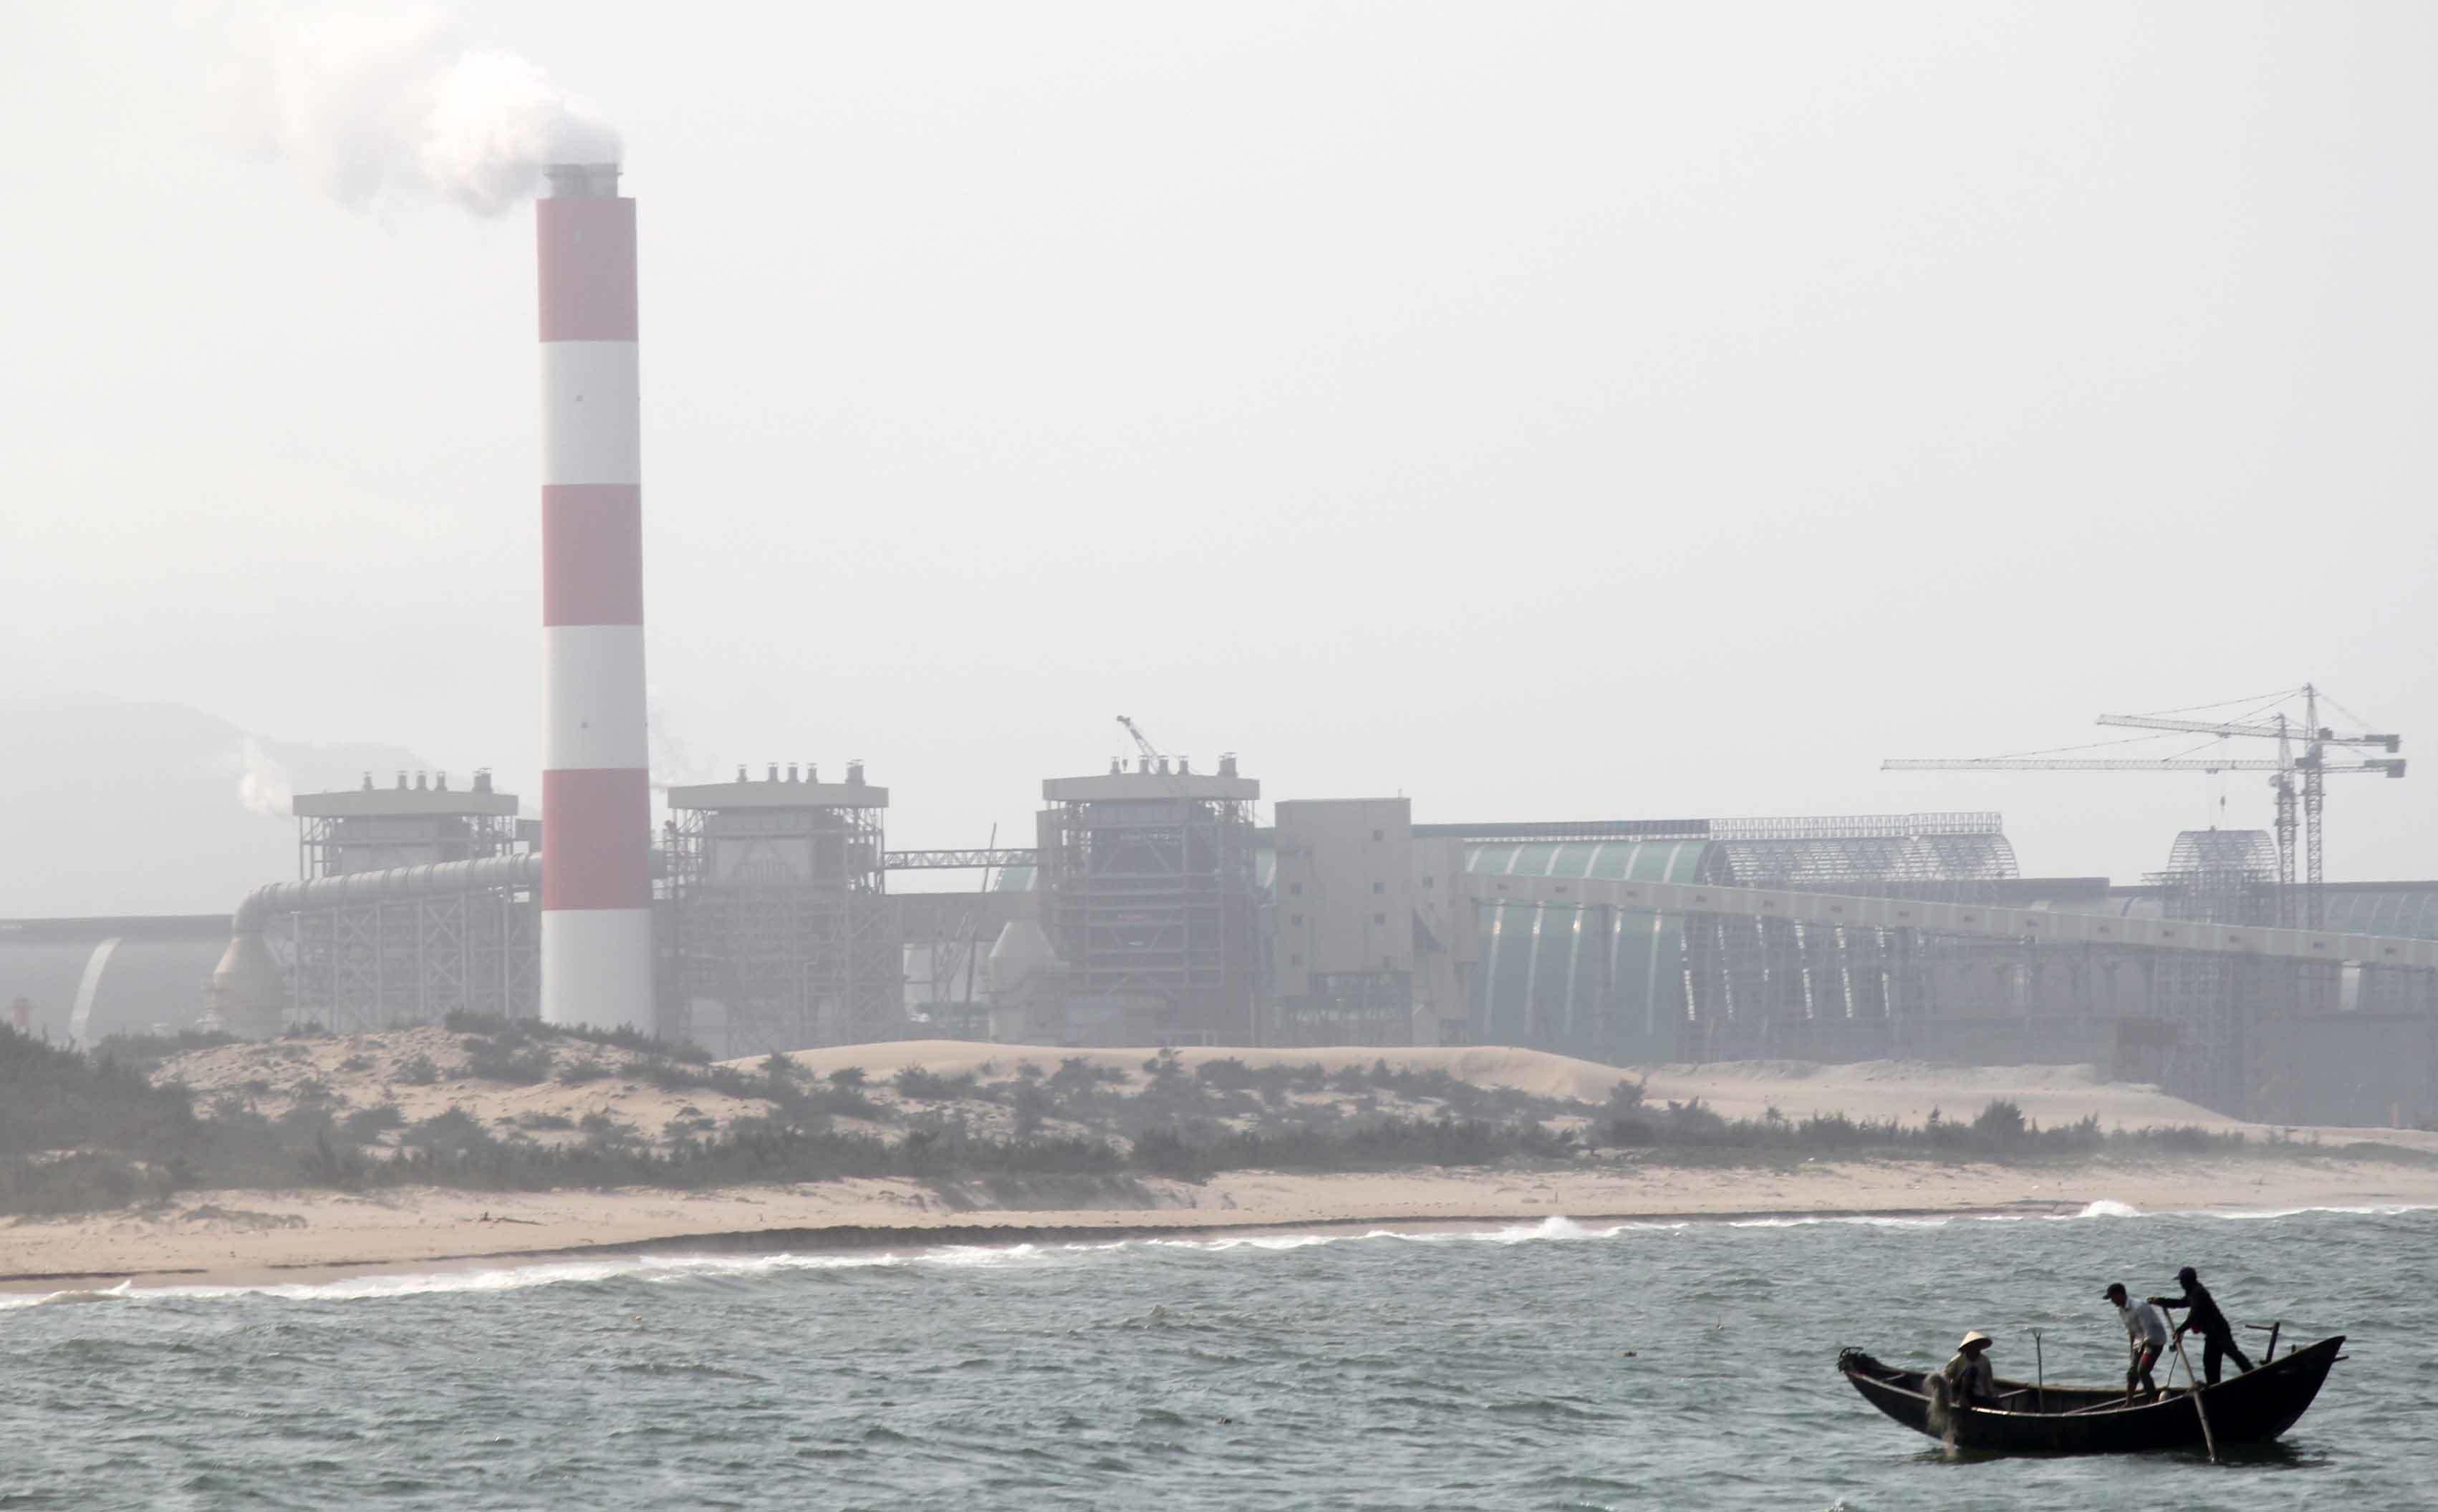 Dân đánh cá ở vùng biển Formosa xả thải